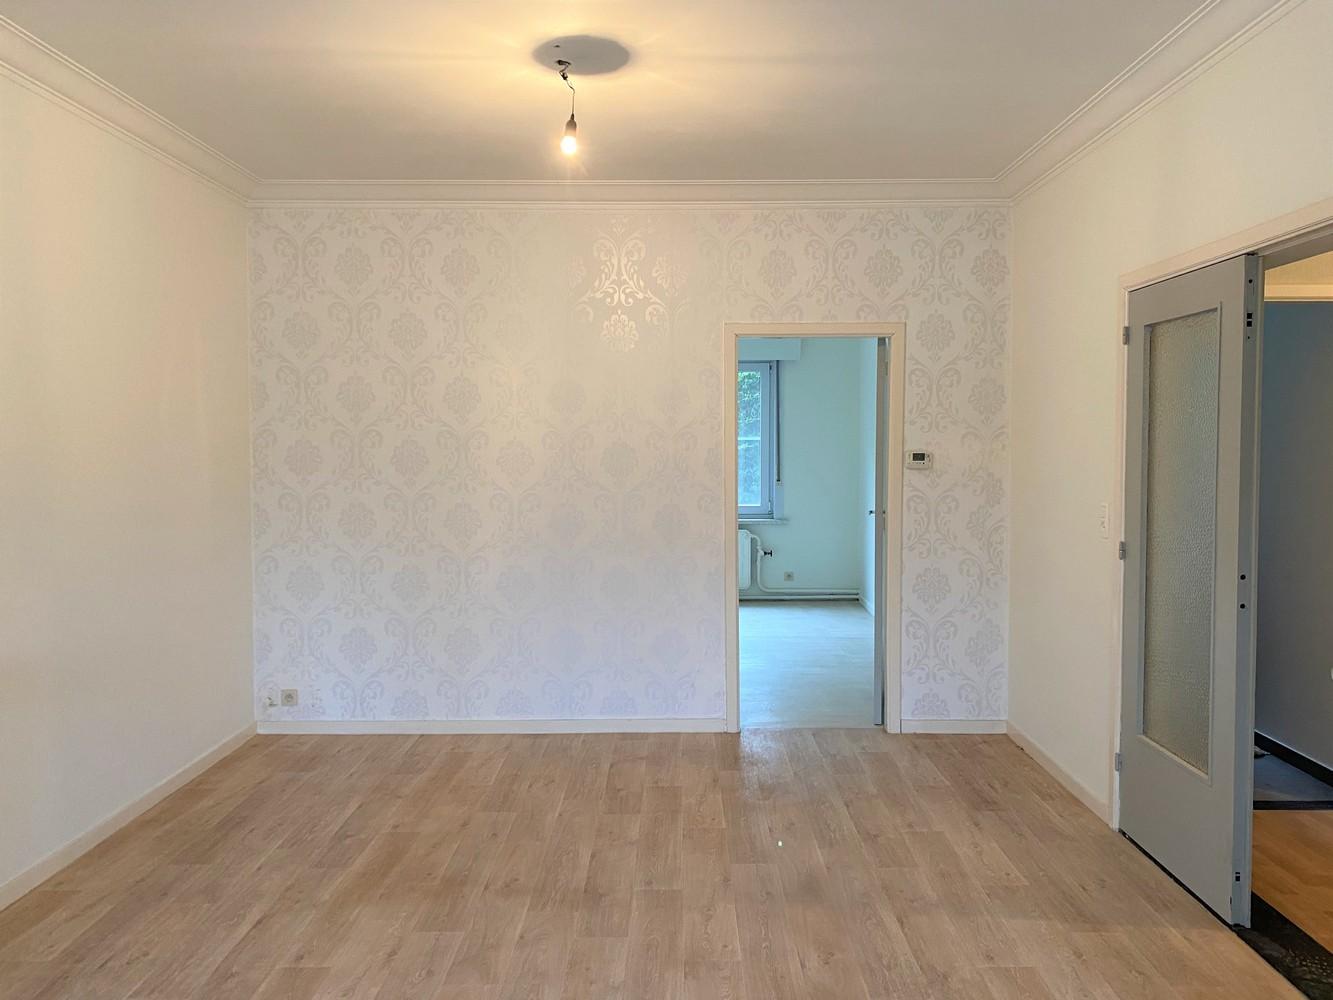 Gerenoveerd, gelijkvloers appartement met 2 slaapkamers en ruime tuin (94m²) in Antwerpen! afbeelding 3